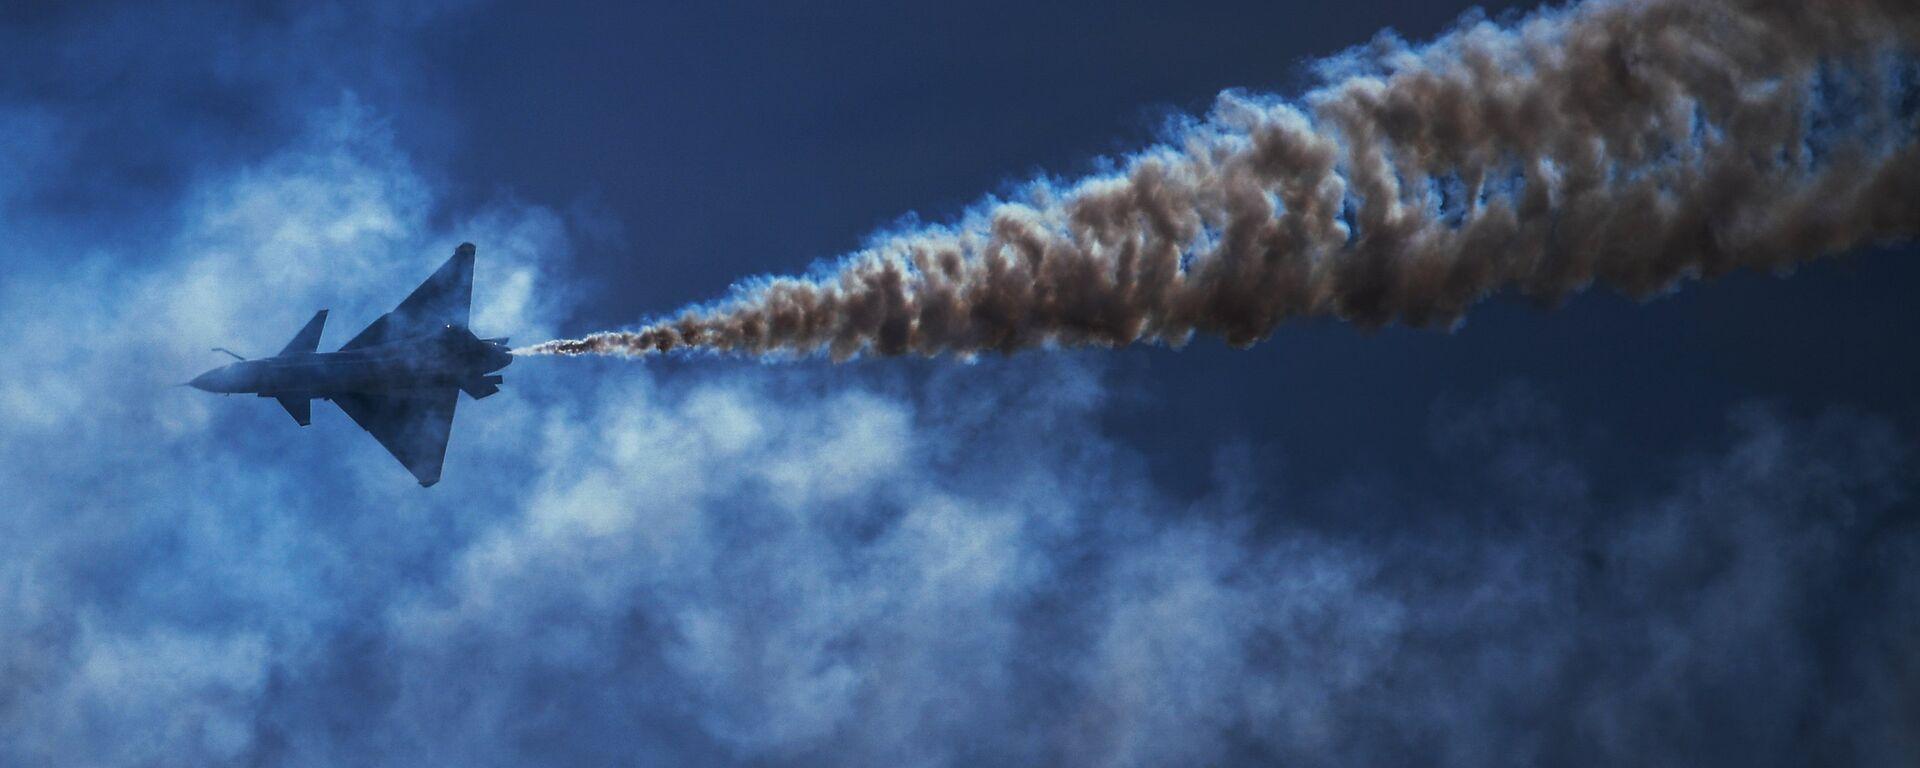 Истребитель, архивное фото - Sputnik Таджикистан, 1920, 28.05.2021